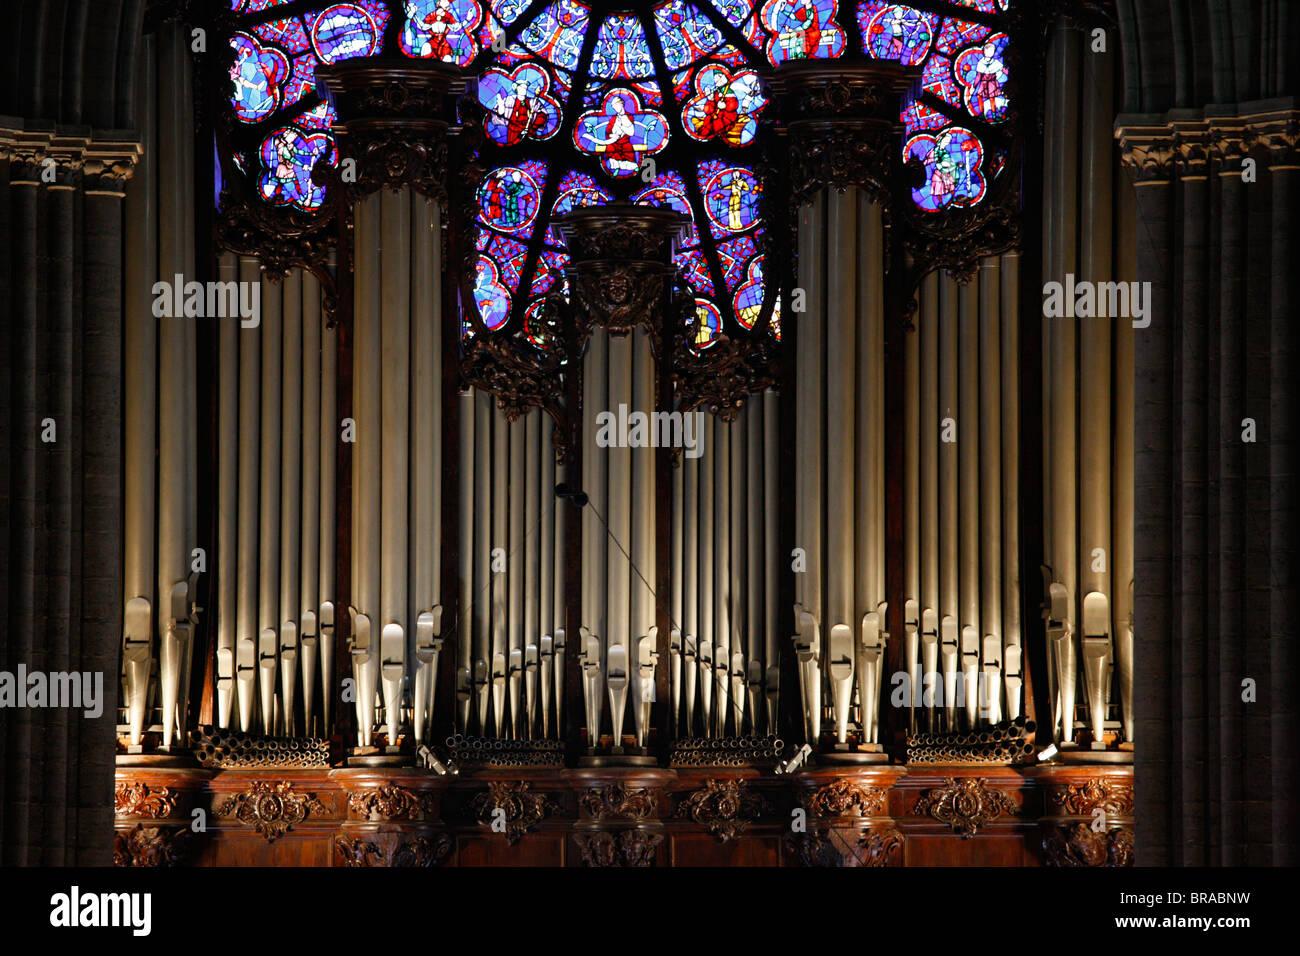 Master organ stock photos & master organ stock images alamy